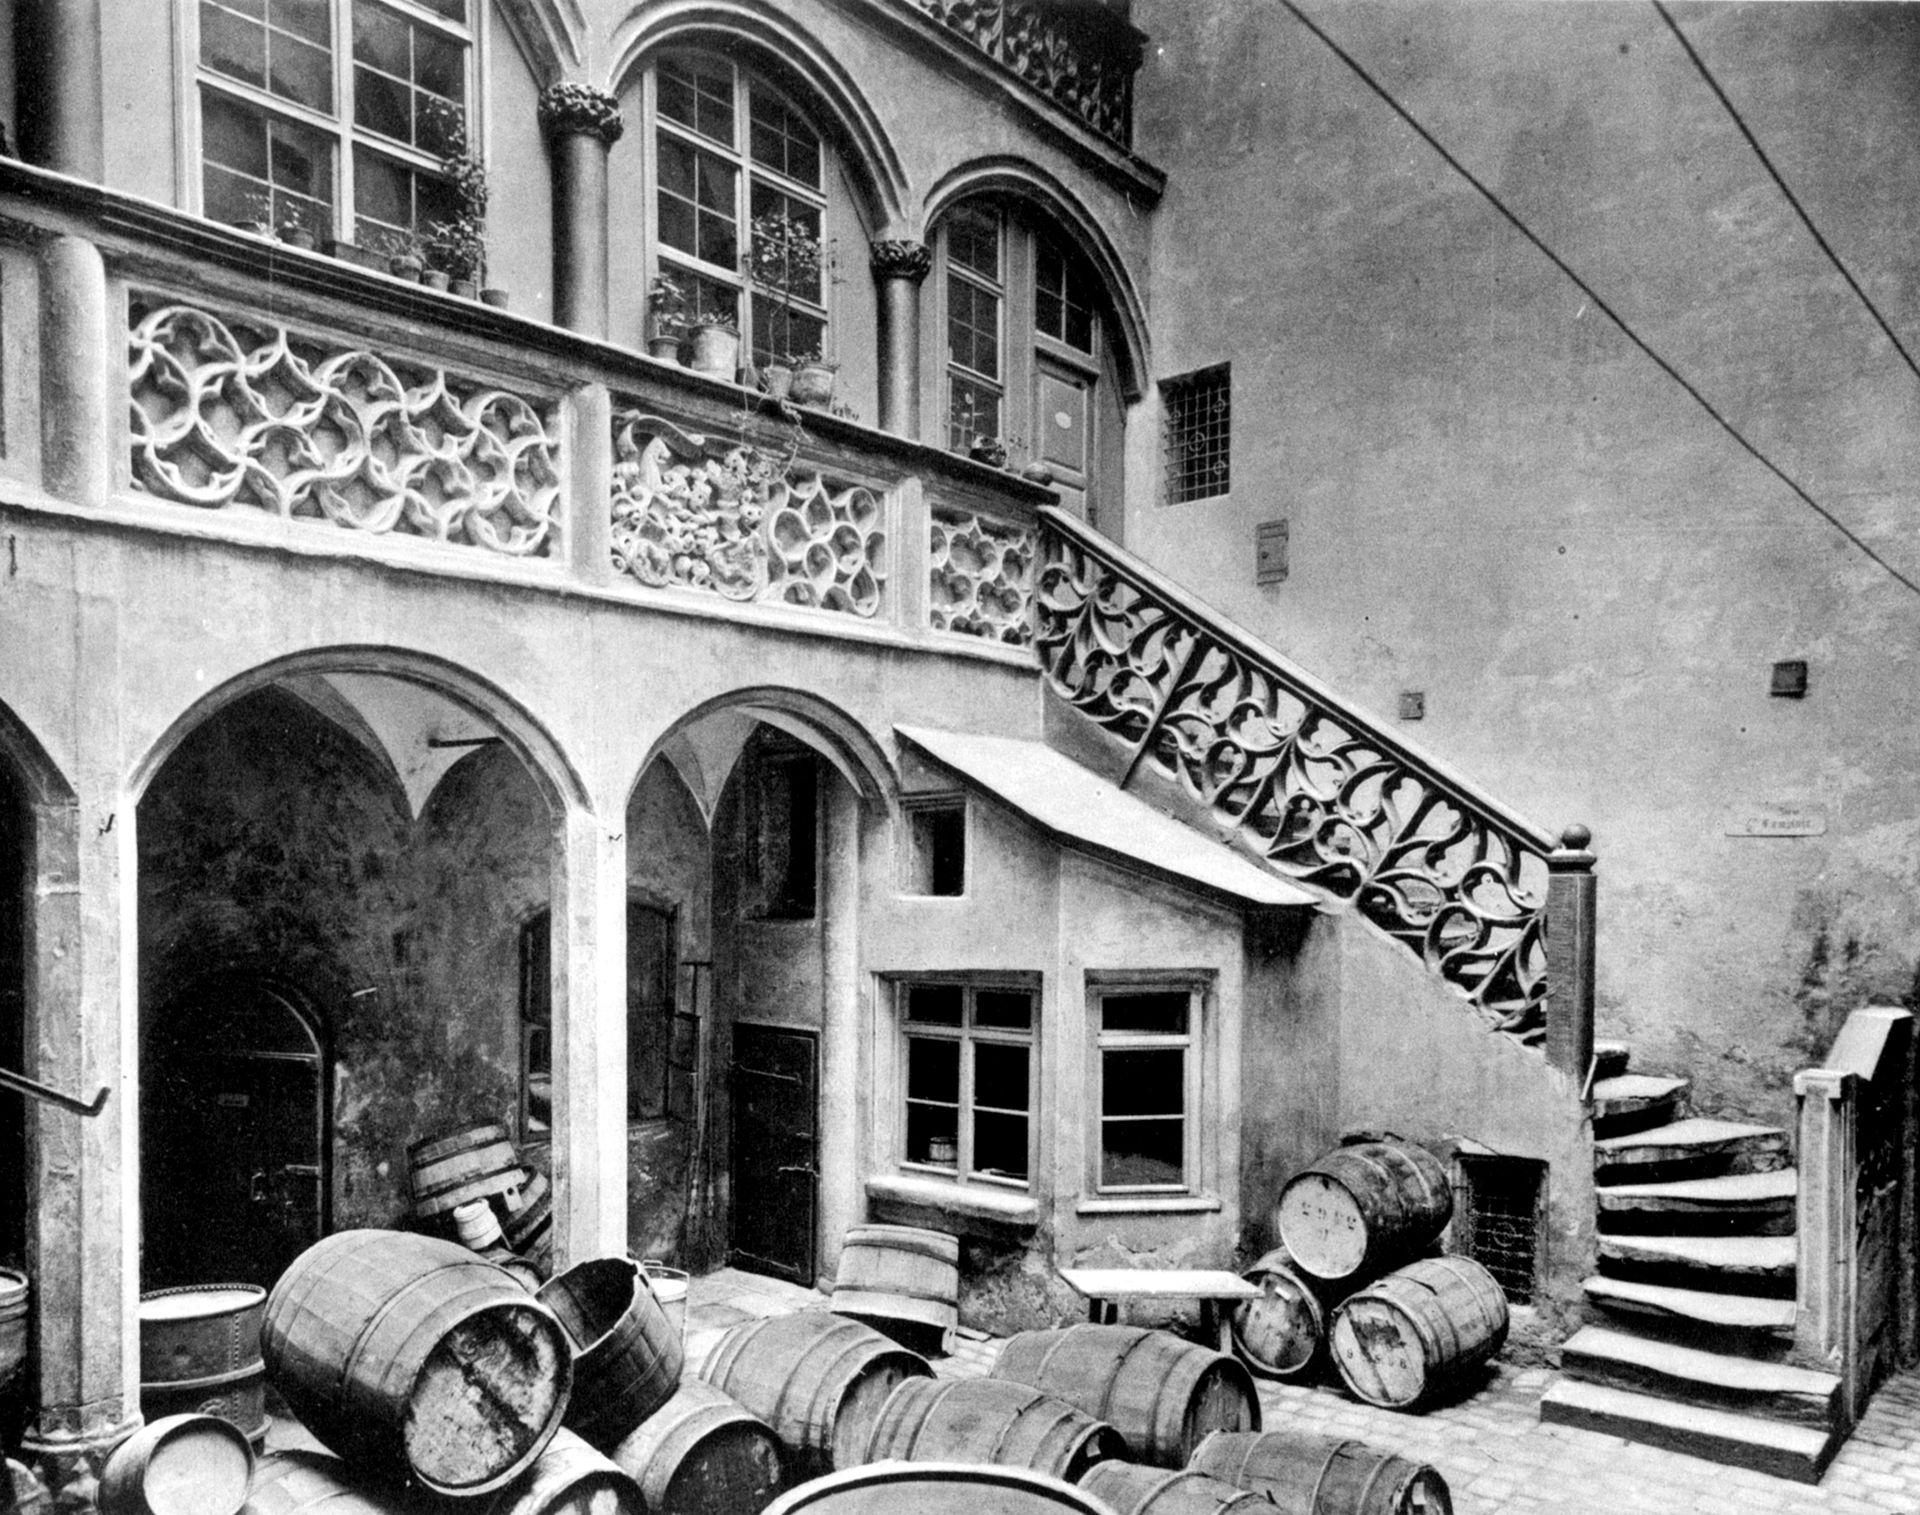 Arkadenhof mit Brüstungen Arkadenhof mit Brüstungen /  Profanbau in Nürnberg (Wien-Leipzig), 1906